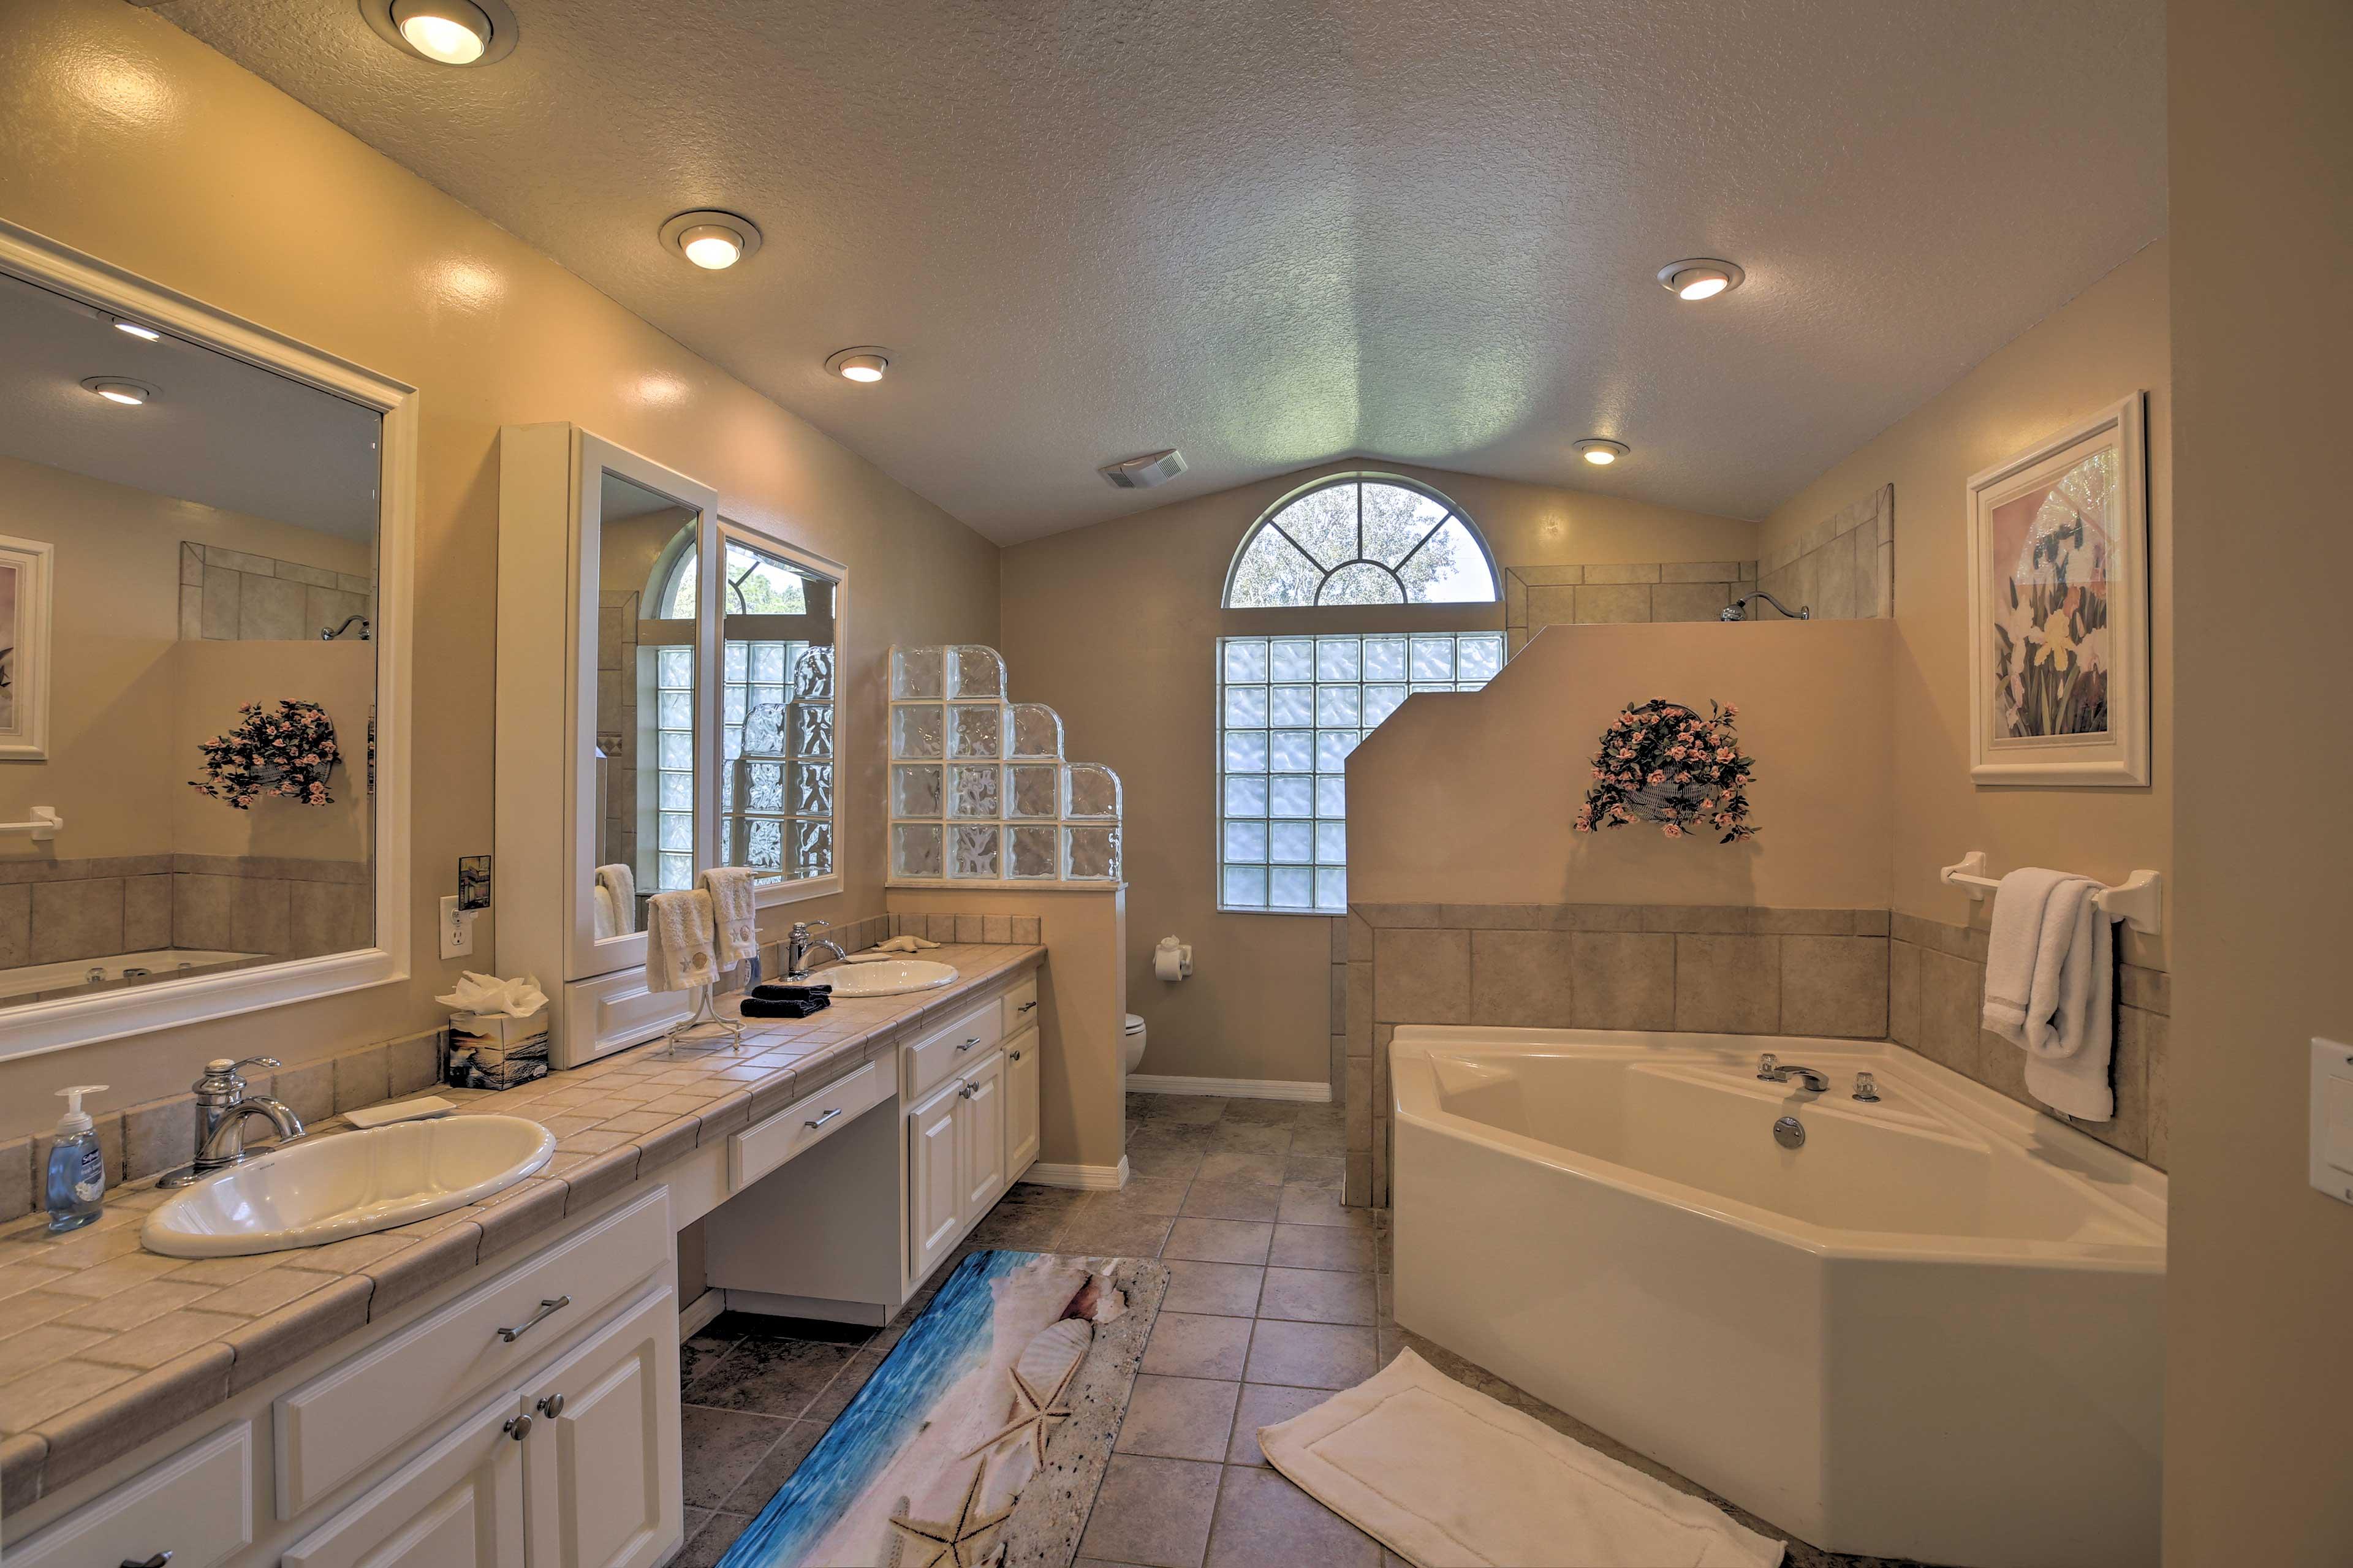 Master Bathroom | En-Suite | Soaking Tub | Dual Sinks